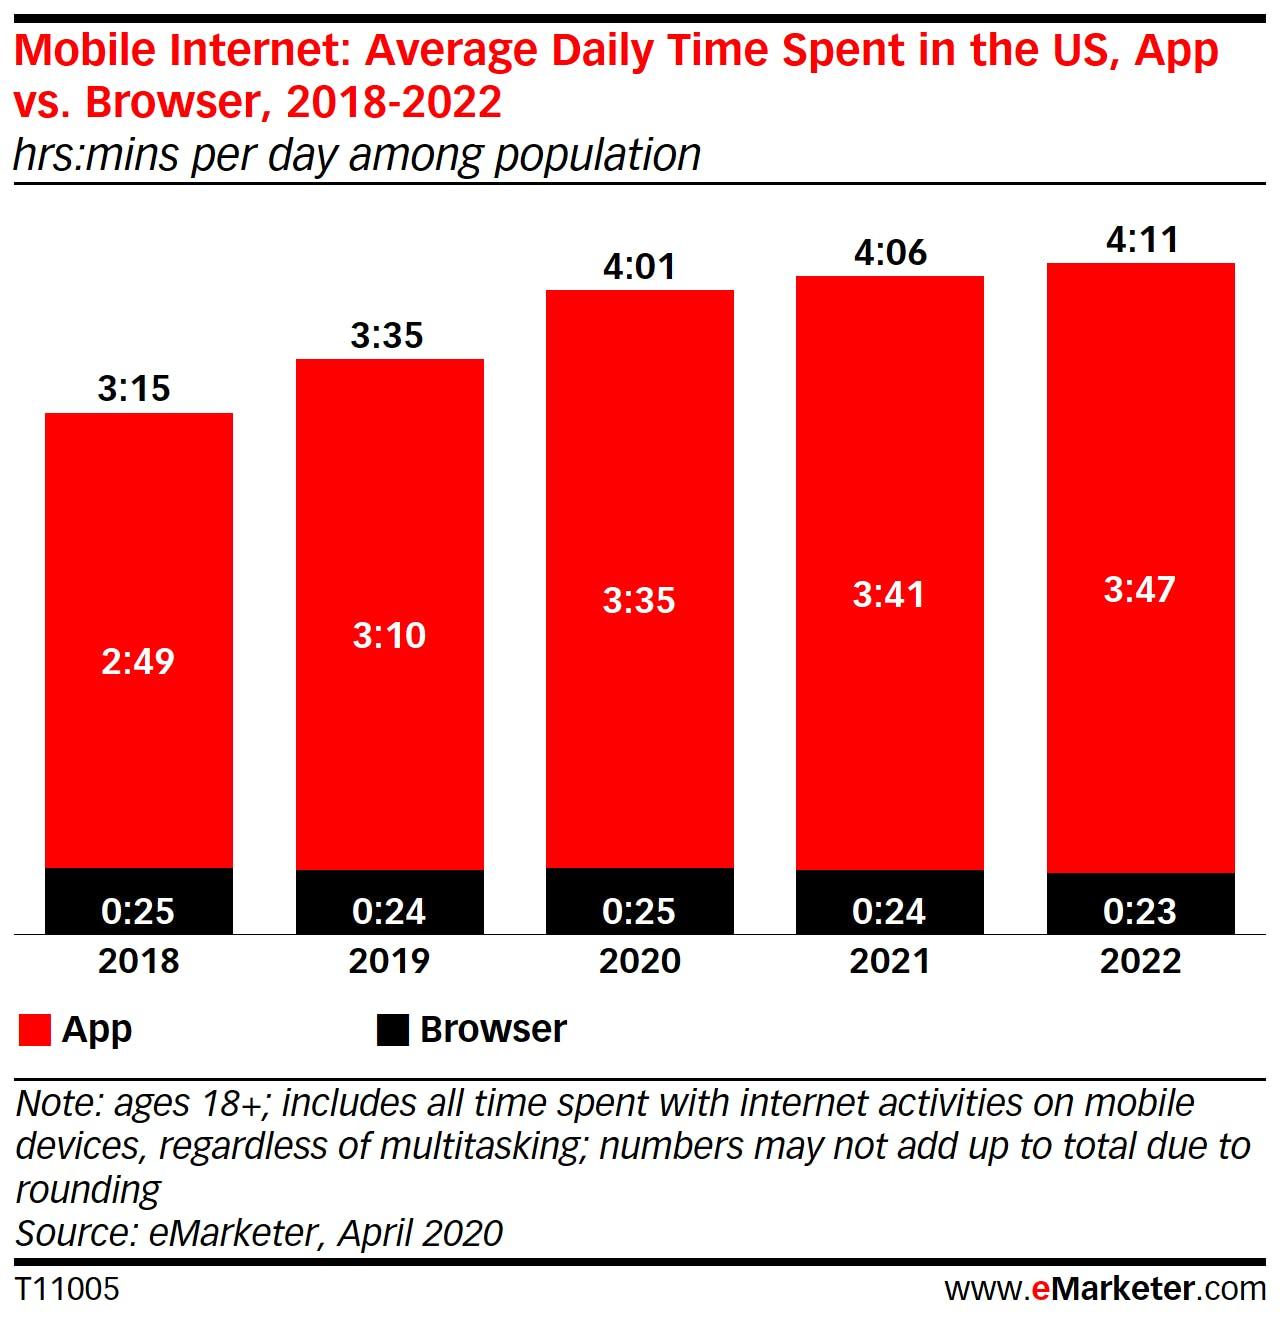 apps vs browser